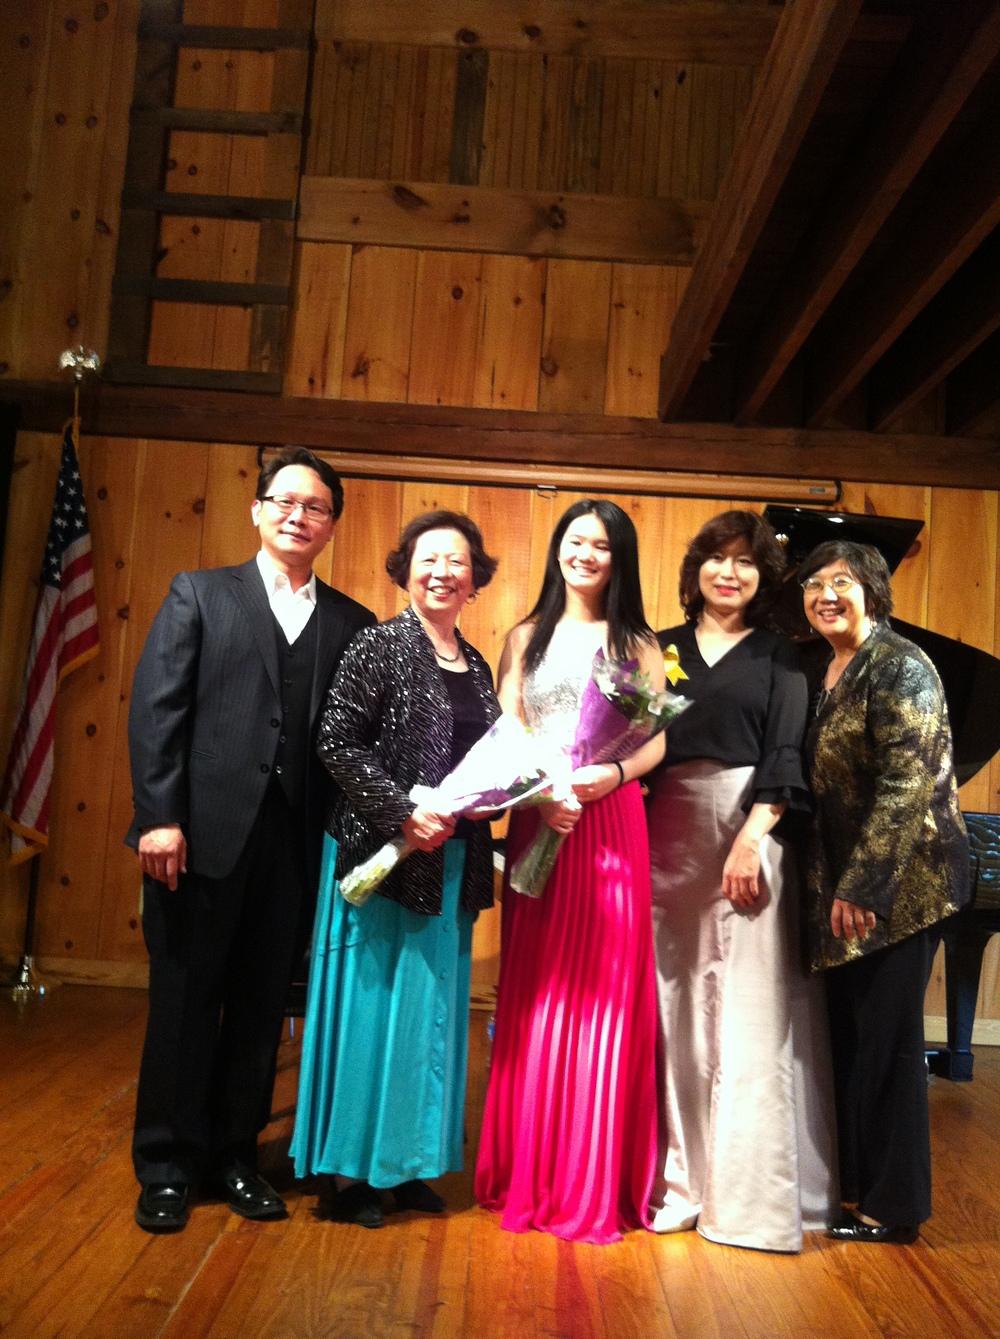 Kevin Tsai, Chiu-Ling Lin, Angela Zhao, Mira Kang, and music director Chiu-Tze Lin